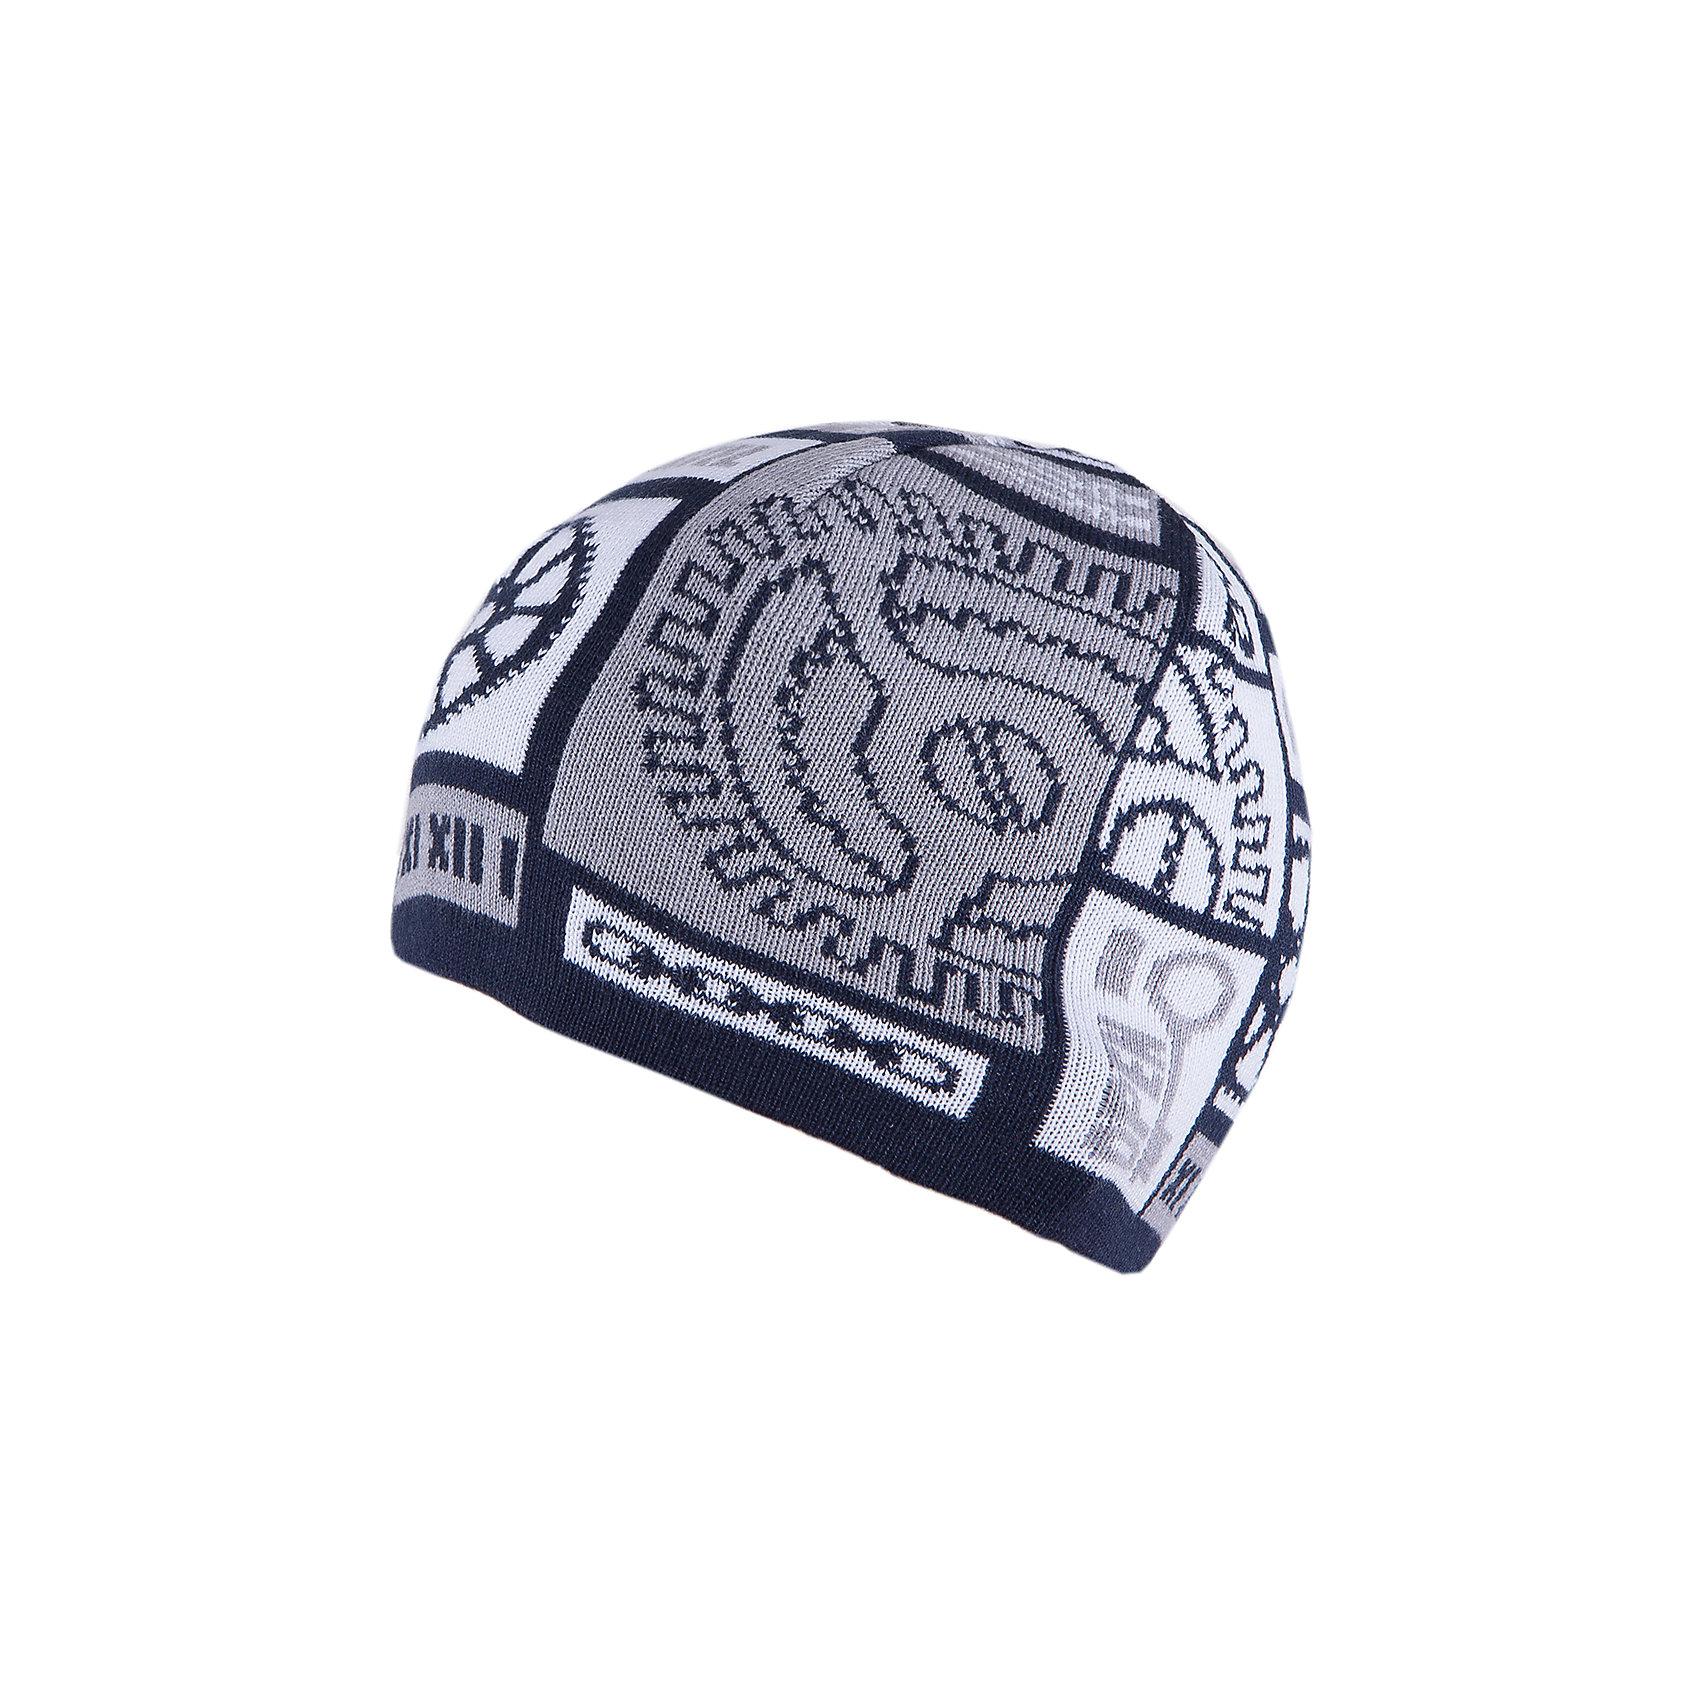 Шапка для мальчика АртельШапка для мальчика от торговой марки Артель <br><br>Модная шапка отлично смотрится на детях, обеспечивает комфорт и тепло. Изделие выполнено из качественных материалов, вязка плотная. Смешанный состав пряжи обеспечит износостойкость и удобство. Отличный вариант для переменной погоды межсезонья! <br>Одежда от бренда Артель – это высокое качество по приемлемой цене и всегда продуманный дизайн. <br><br>Особенности модели: <br>- цвет — синий; <br>- украшена вывязанным рисунком;<br>- пряжа смешанного состава. <br><br>Дополнительная информация: <br><br>Состав: 50% хлопок, 50% пан.<br><br><br>Температурный режим: <br>От -5 °C до +15 °C <br><br>Шапку для мальчика Артель (Artel) можно купить в нашем магазине.<br><br>Ширина мм: 89<br>Глубина мм: 117<br>Высота мм: 44<br>Вес г: 155<br>Цвет: синий<br>Возраст от месяцев: 60<br>Возраст до месяцев: 72<br>Пол: Мужской<br>Возраст: Детский<br>Размер: 52,50,54<br>SKU: 4500771